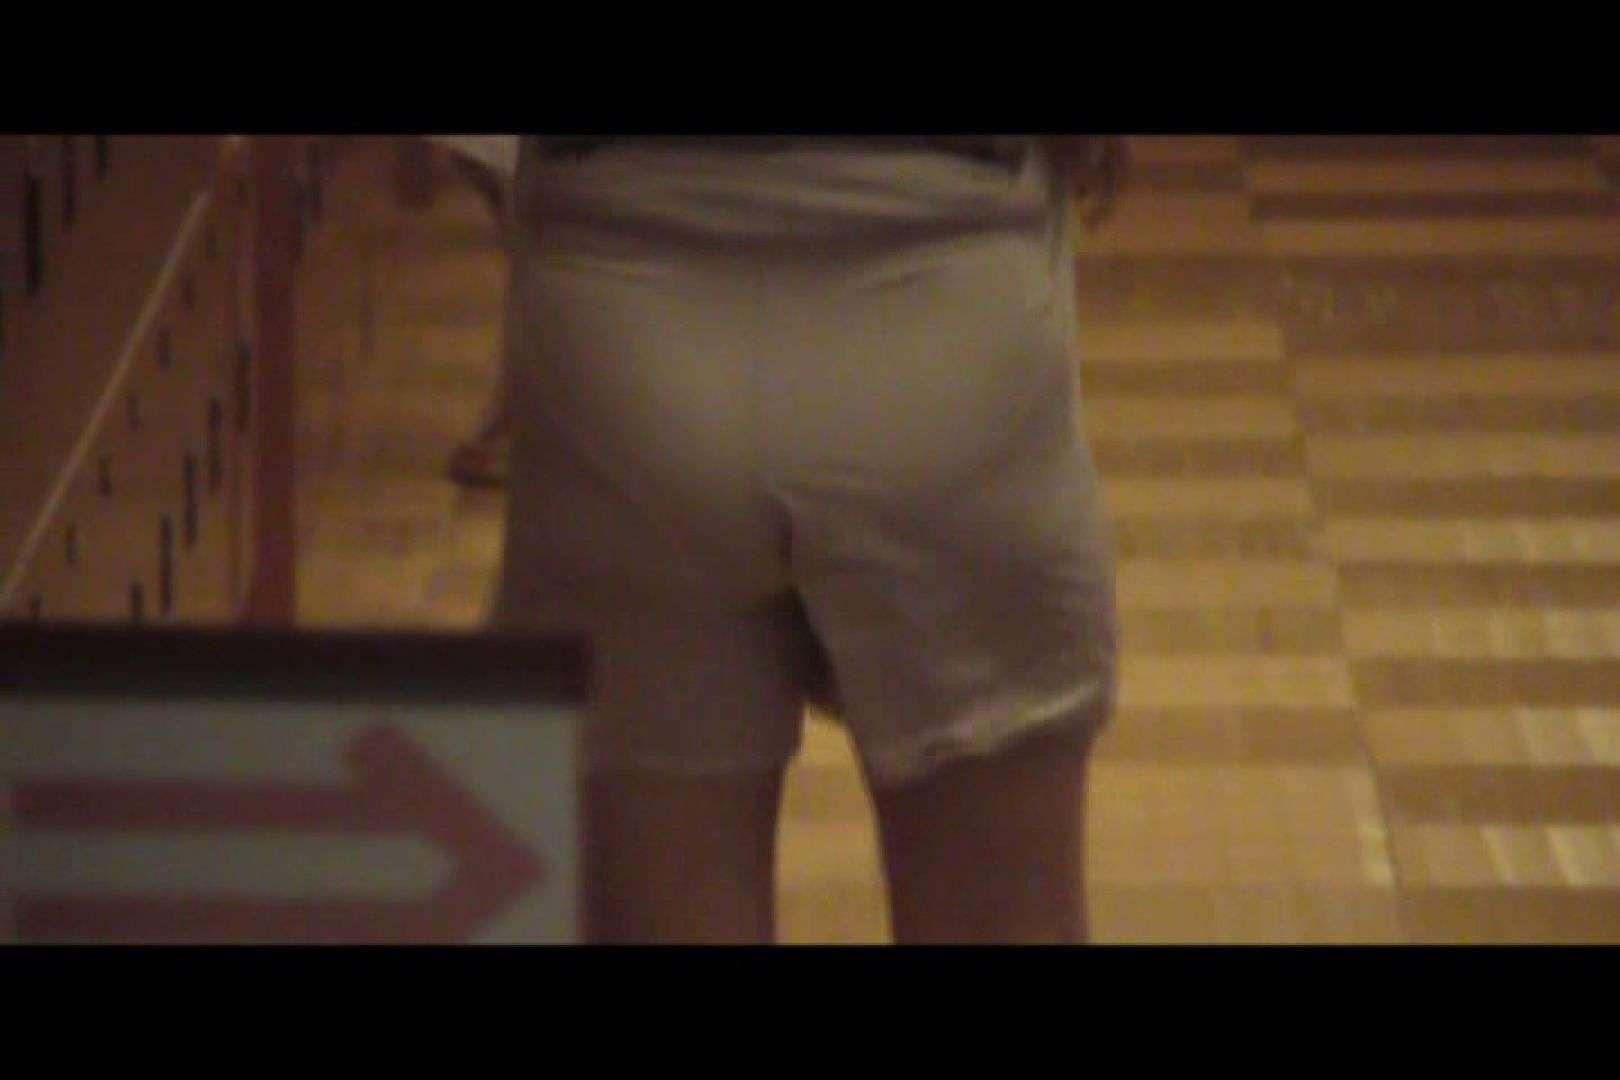 投稿者ハイロスさんのドキドキ覗き主観!VOL.03(大衆浴場編) 投稿物 セックス画像 34連発 3